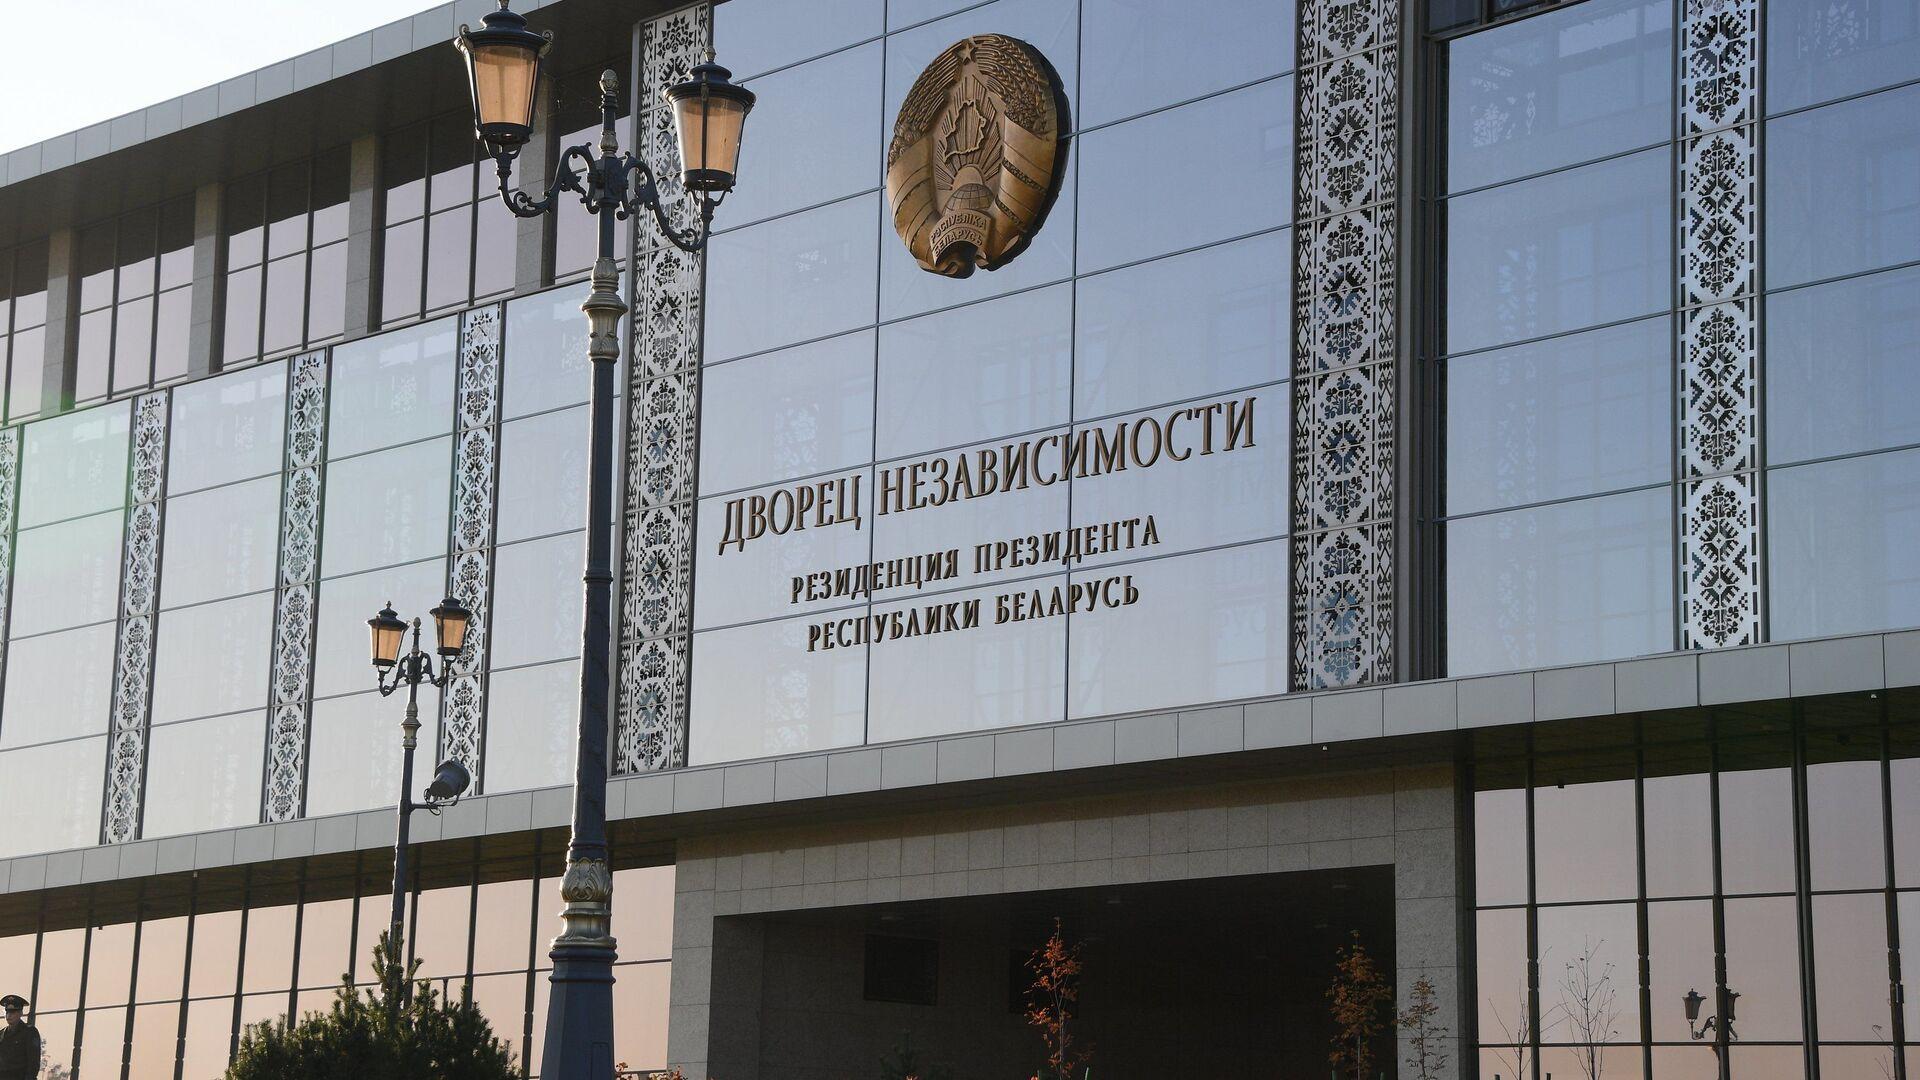 Дворец Независимости - Sputnik Беларусь, 1920, 25.02.2021